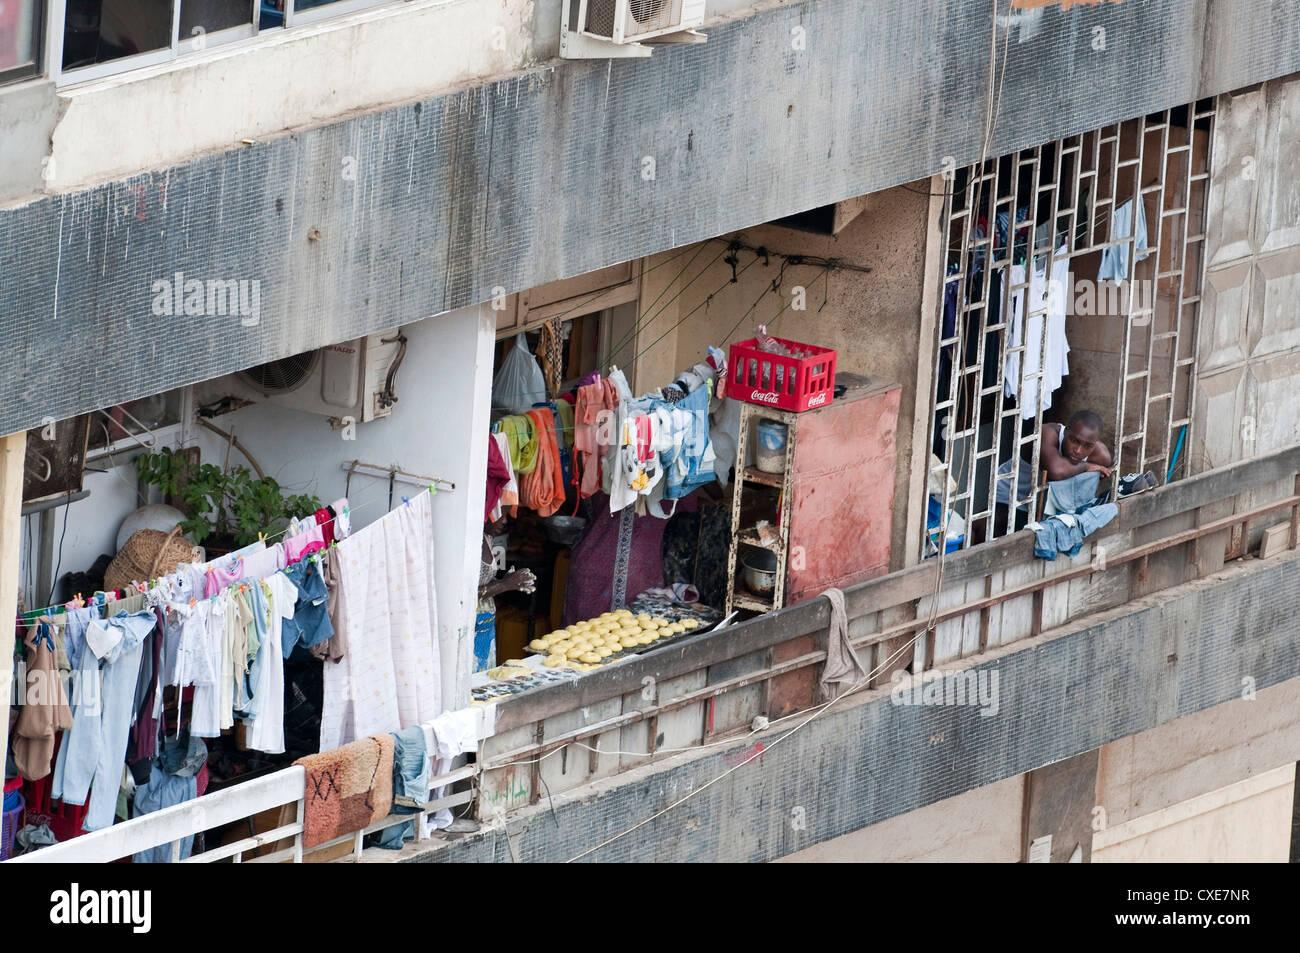 Des scènes de rue à Luanda, Angola, Afrique australe, Afrique Photo Stock